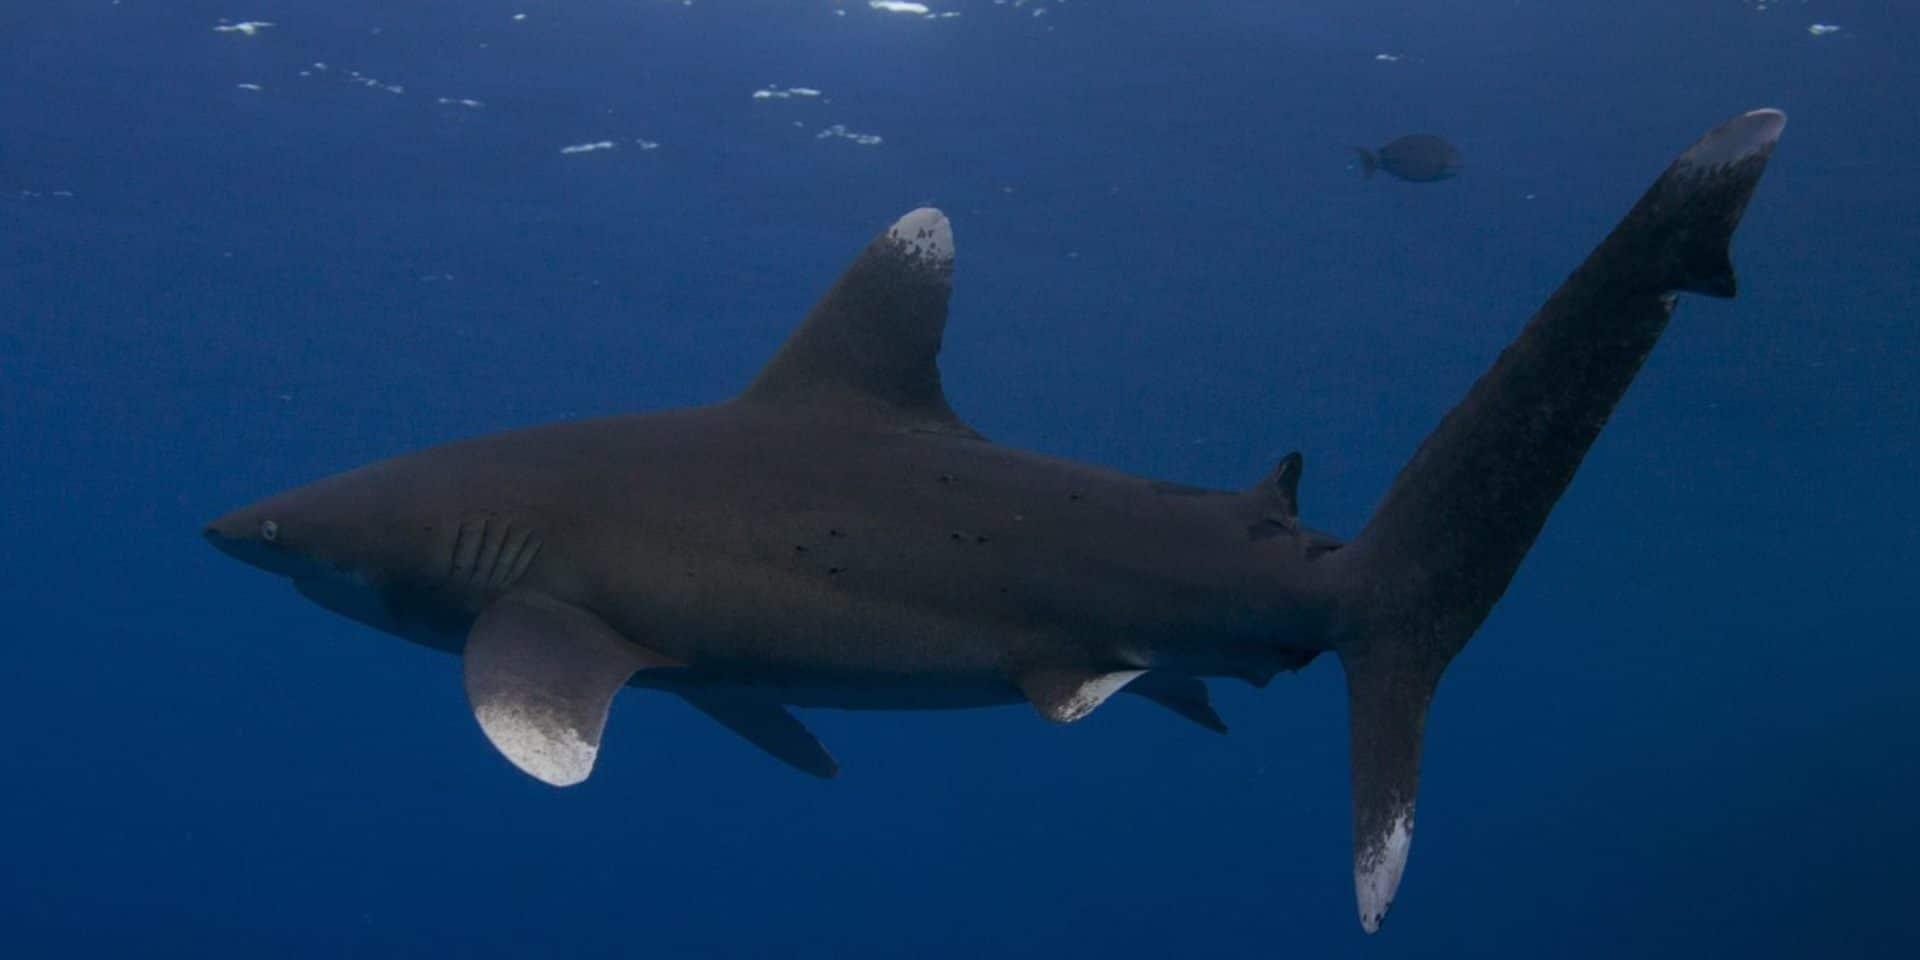 mar rosso: viaggi sub, vacanze e immersioni diving - Soggiorno Mar Rosso 2